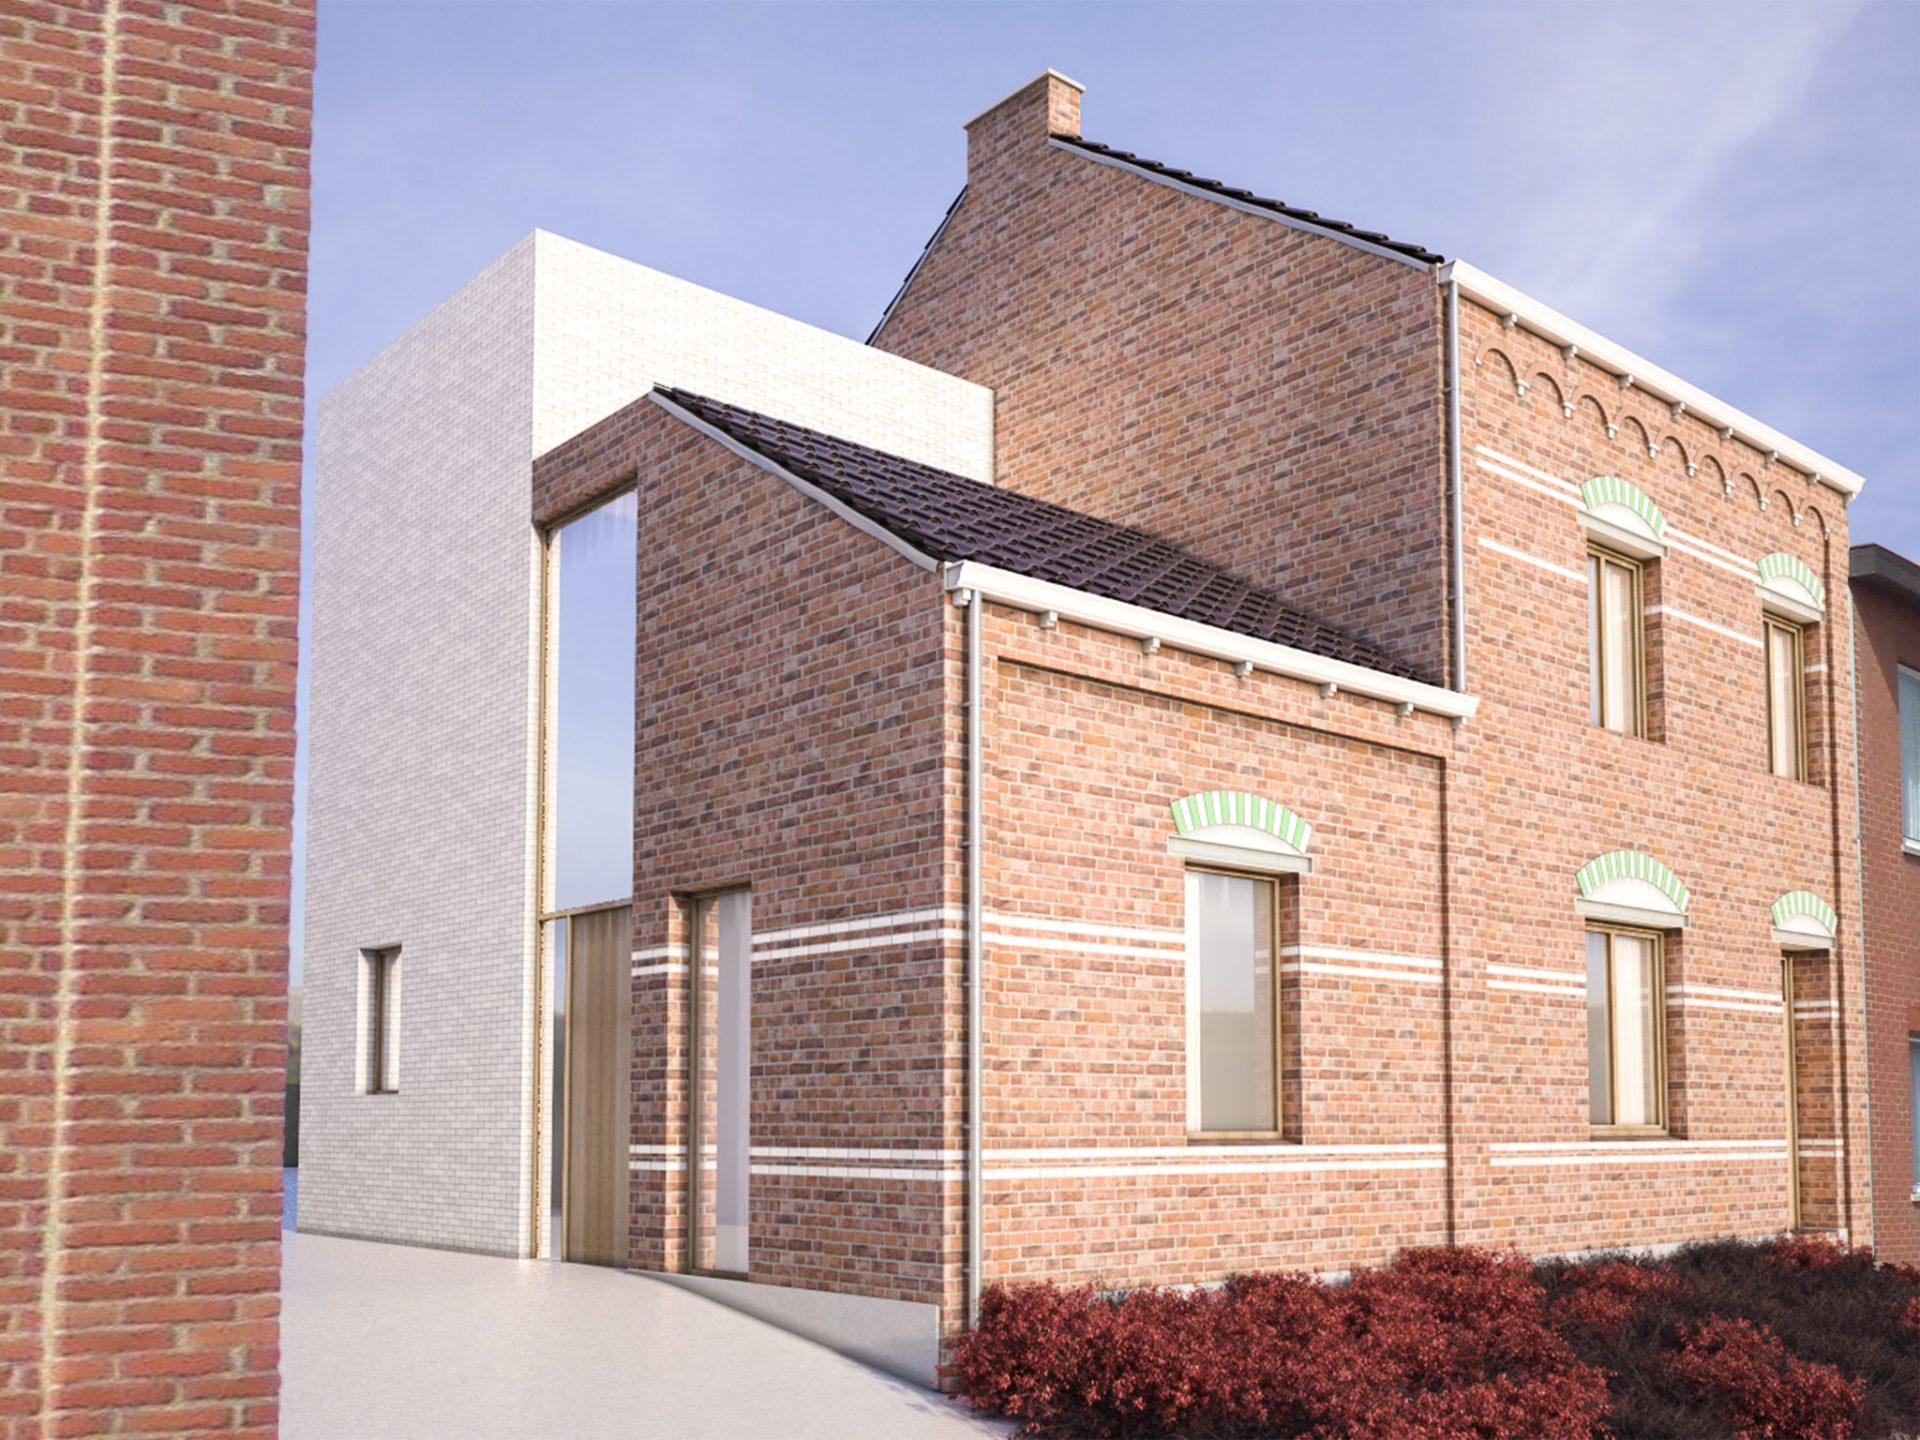 Woning Diepenbeek - nieuwbouw en renovatie